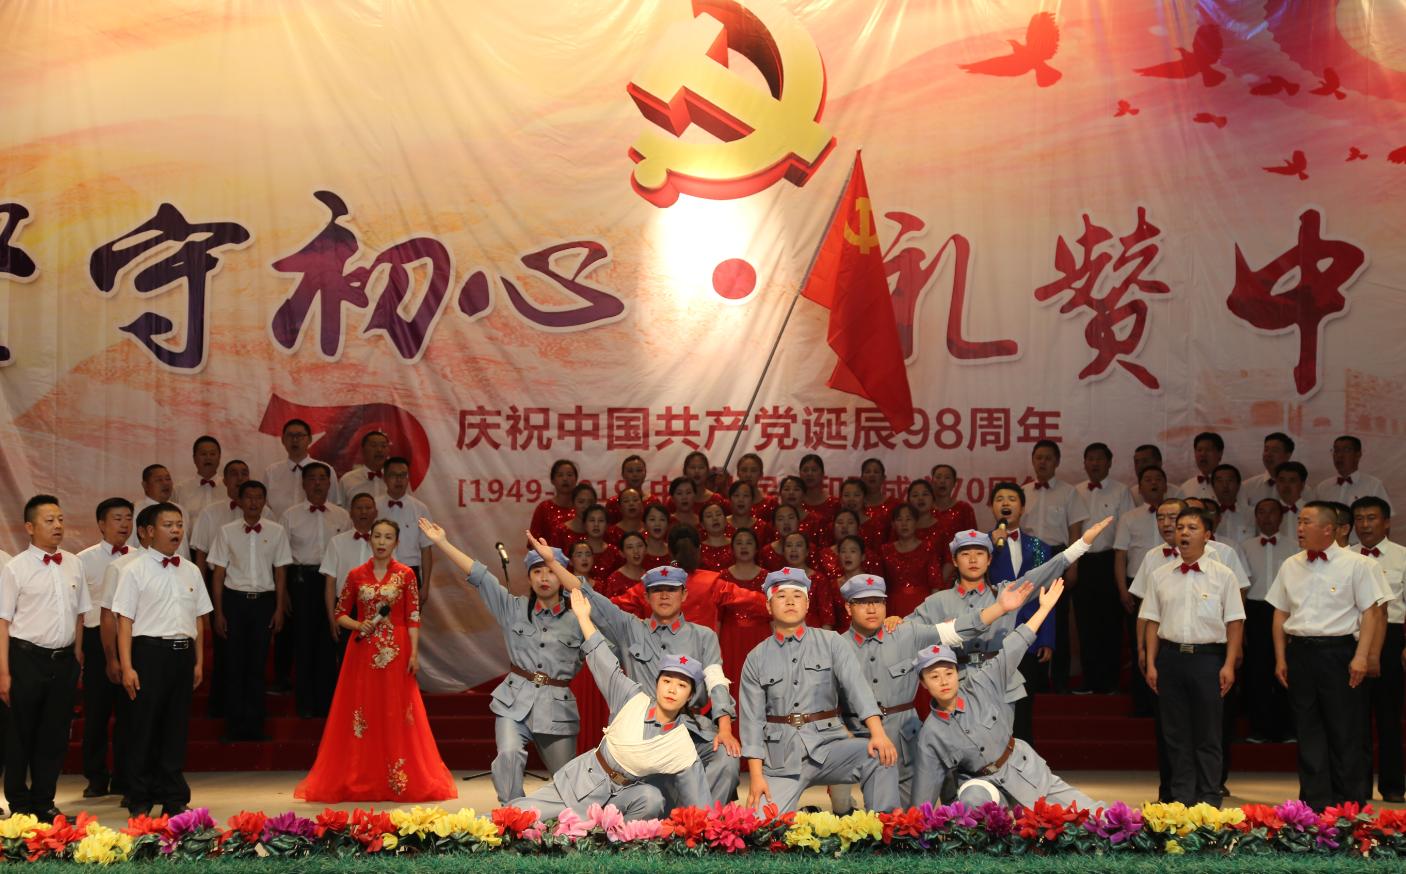 七〇团举行庆祝建党98周年革命歌曲合唱比赛